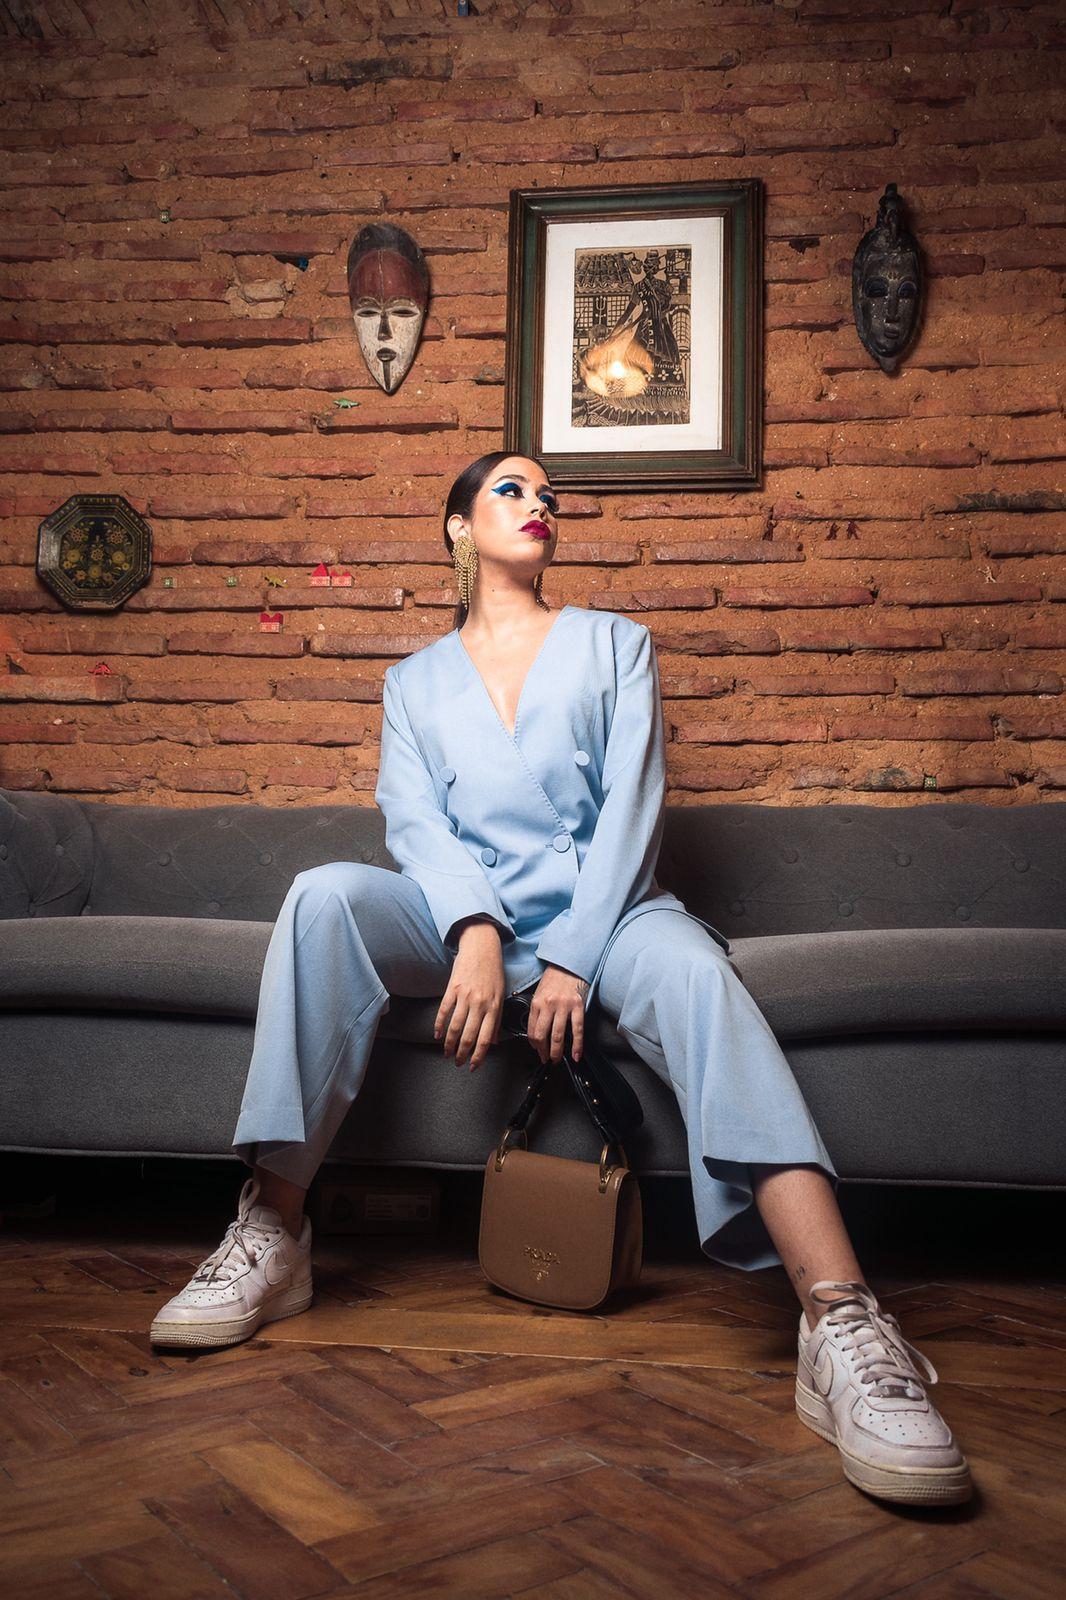 Sofia Muzzio aposta firme e forte em consultorias de visagismo